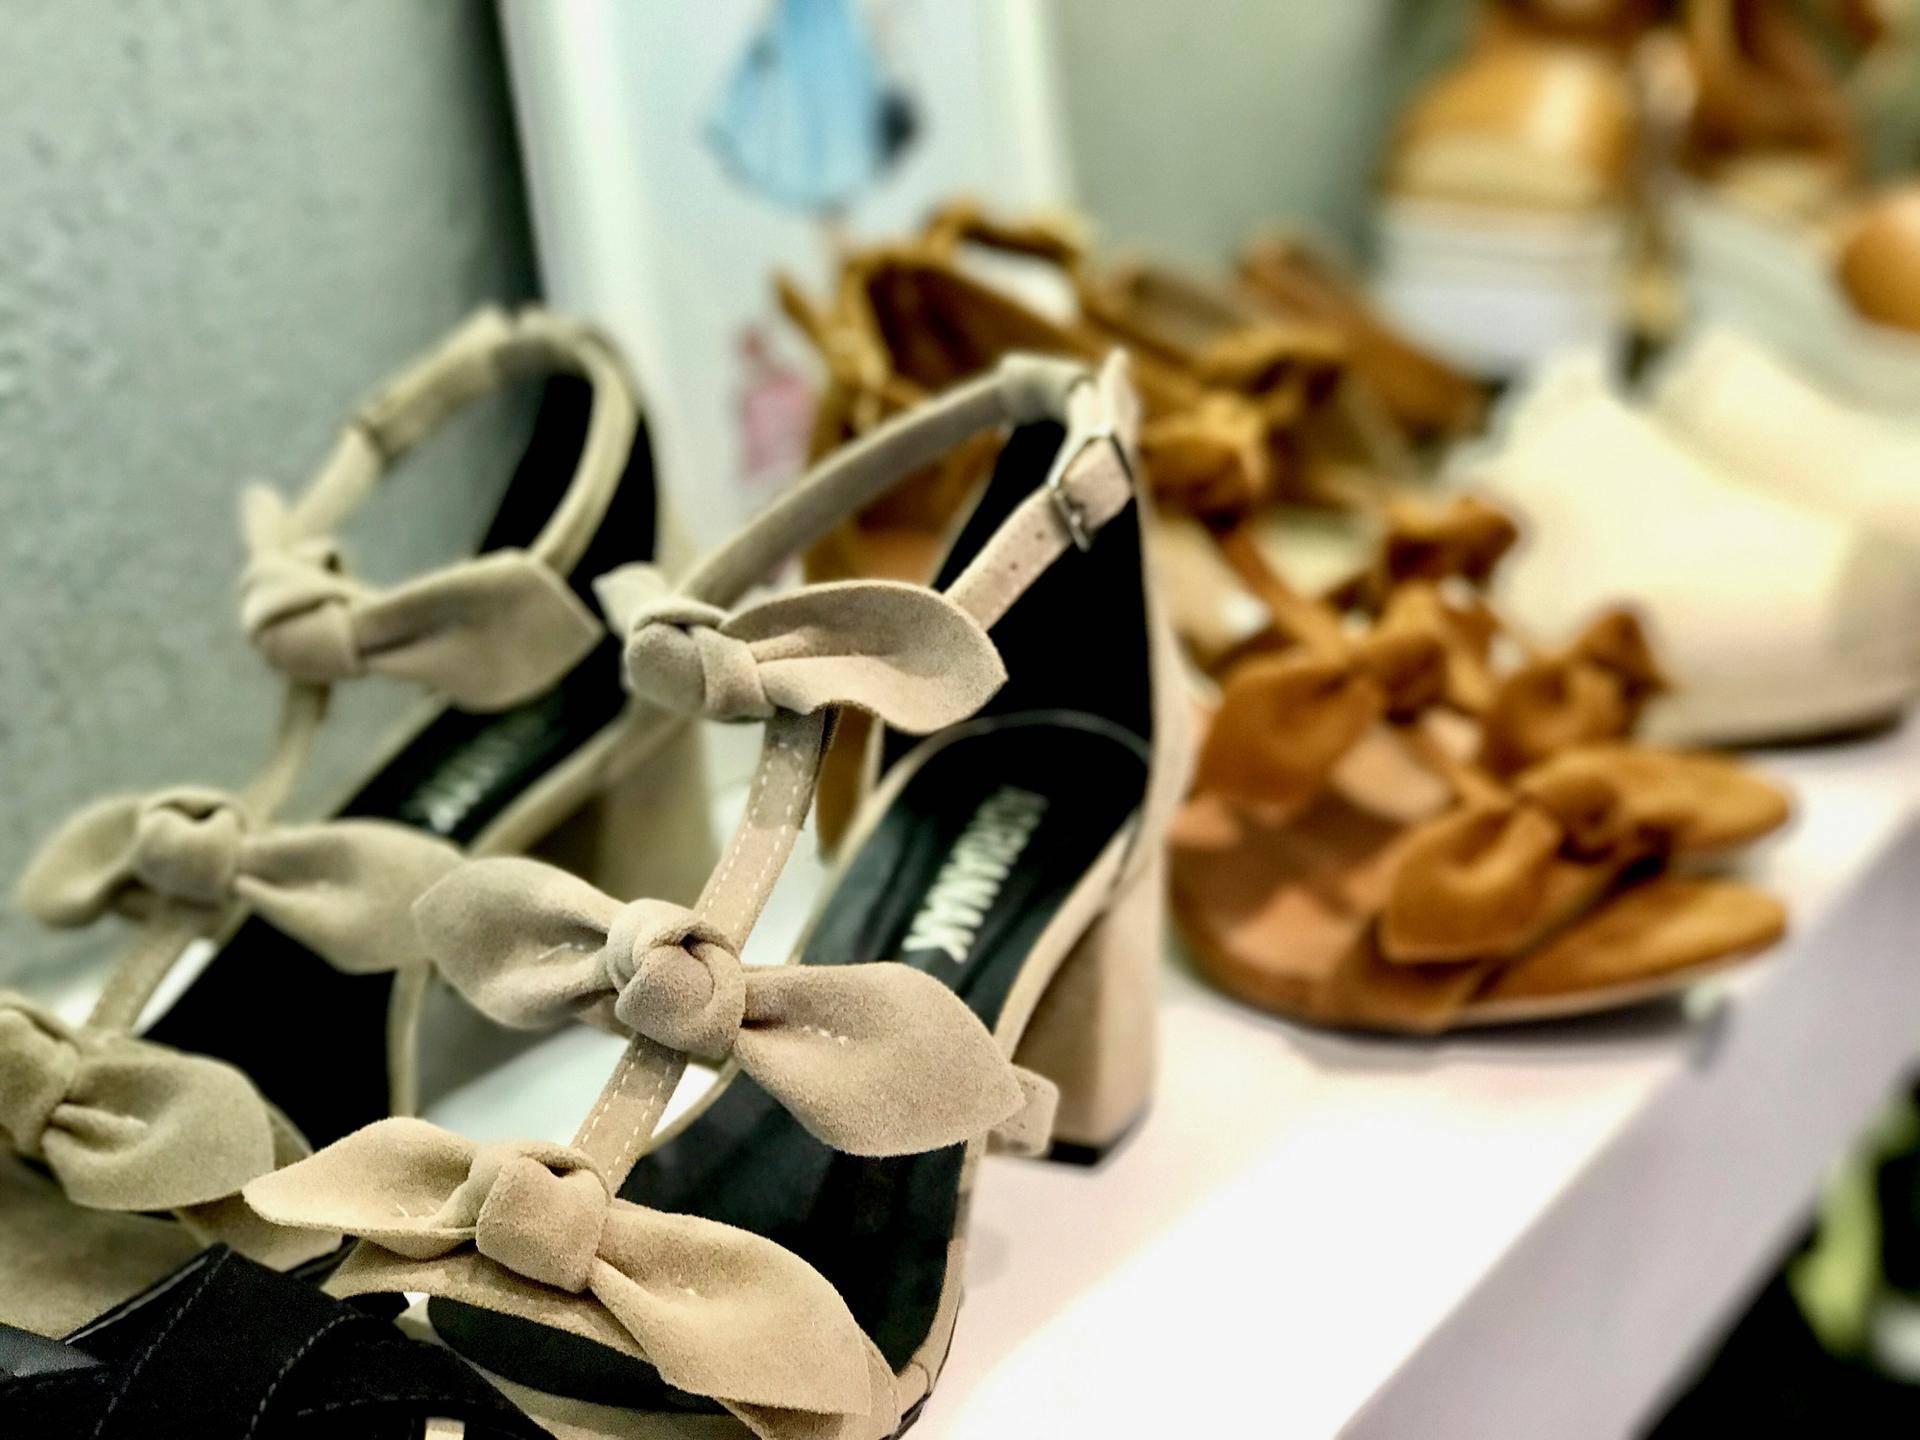 www.juicysantos.com.br - sapato de salto adrianak shoes